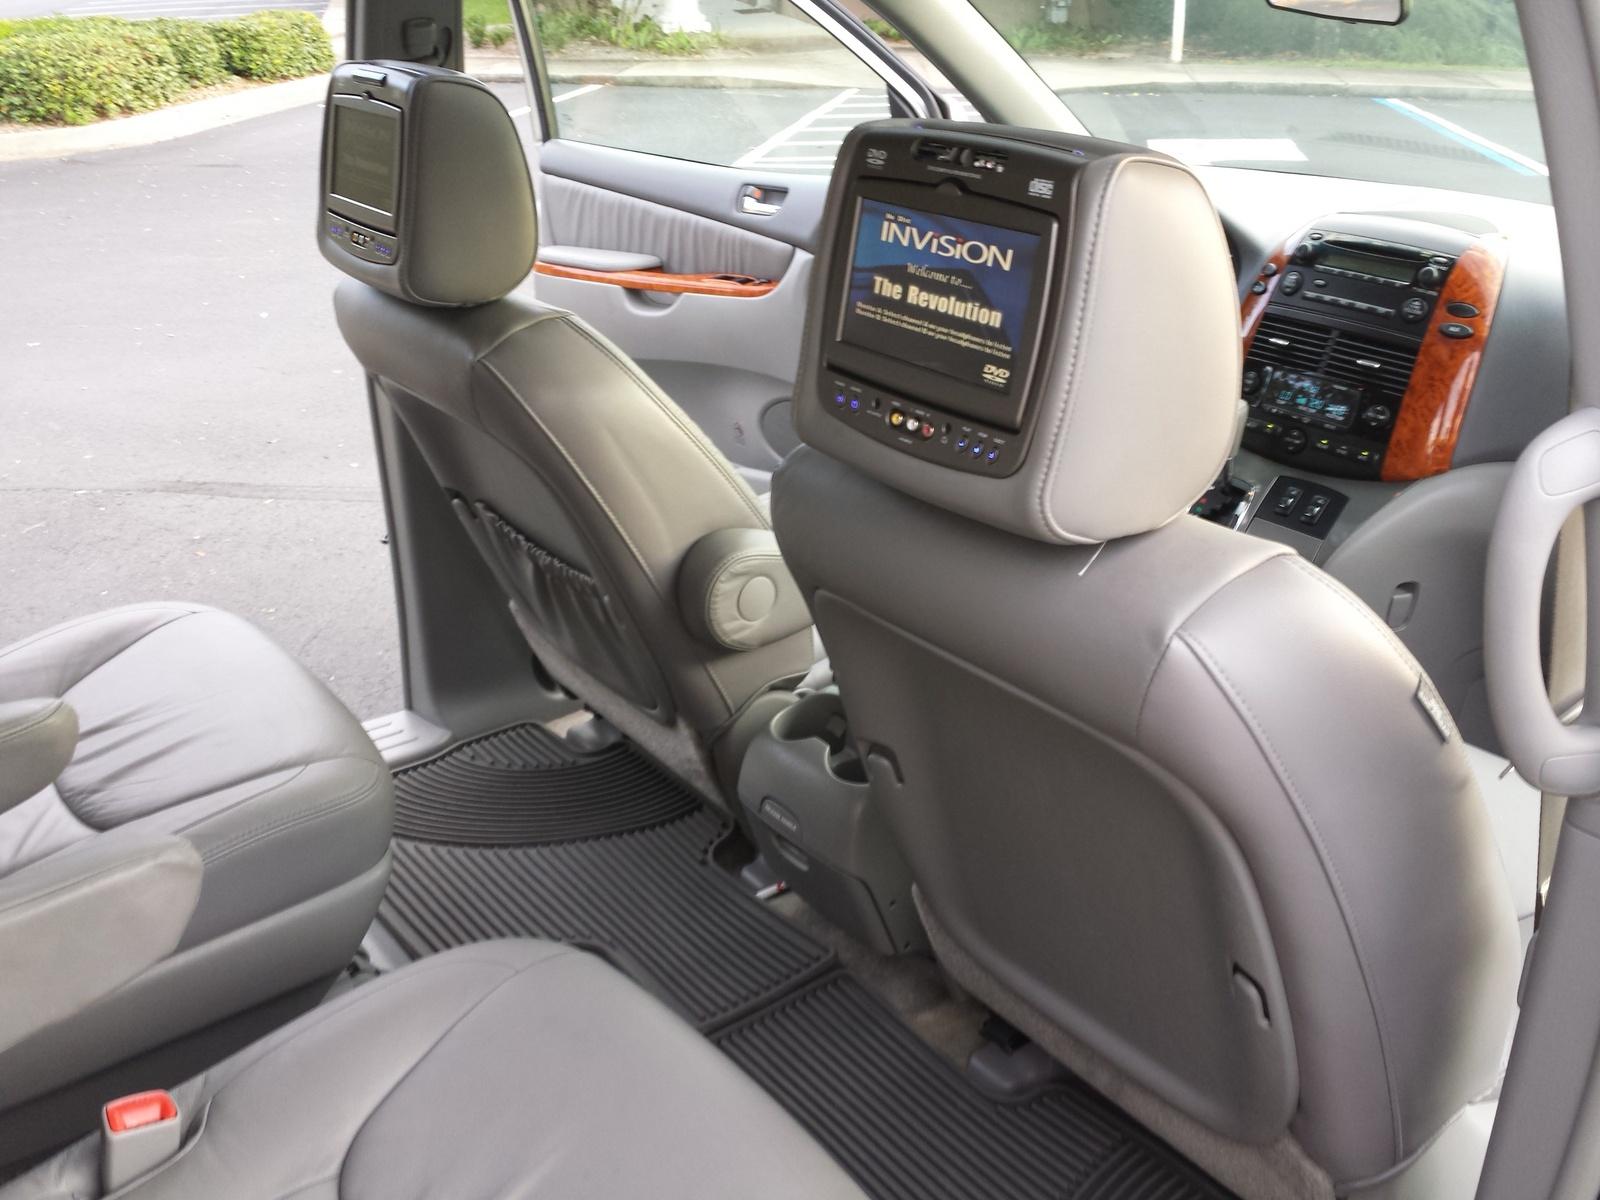 2008 Toyota Sienna Interior Pictures Cargurus